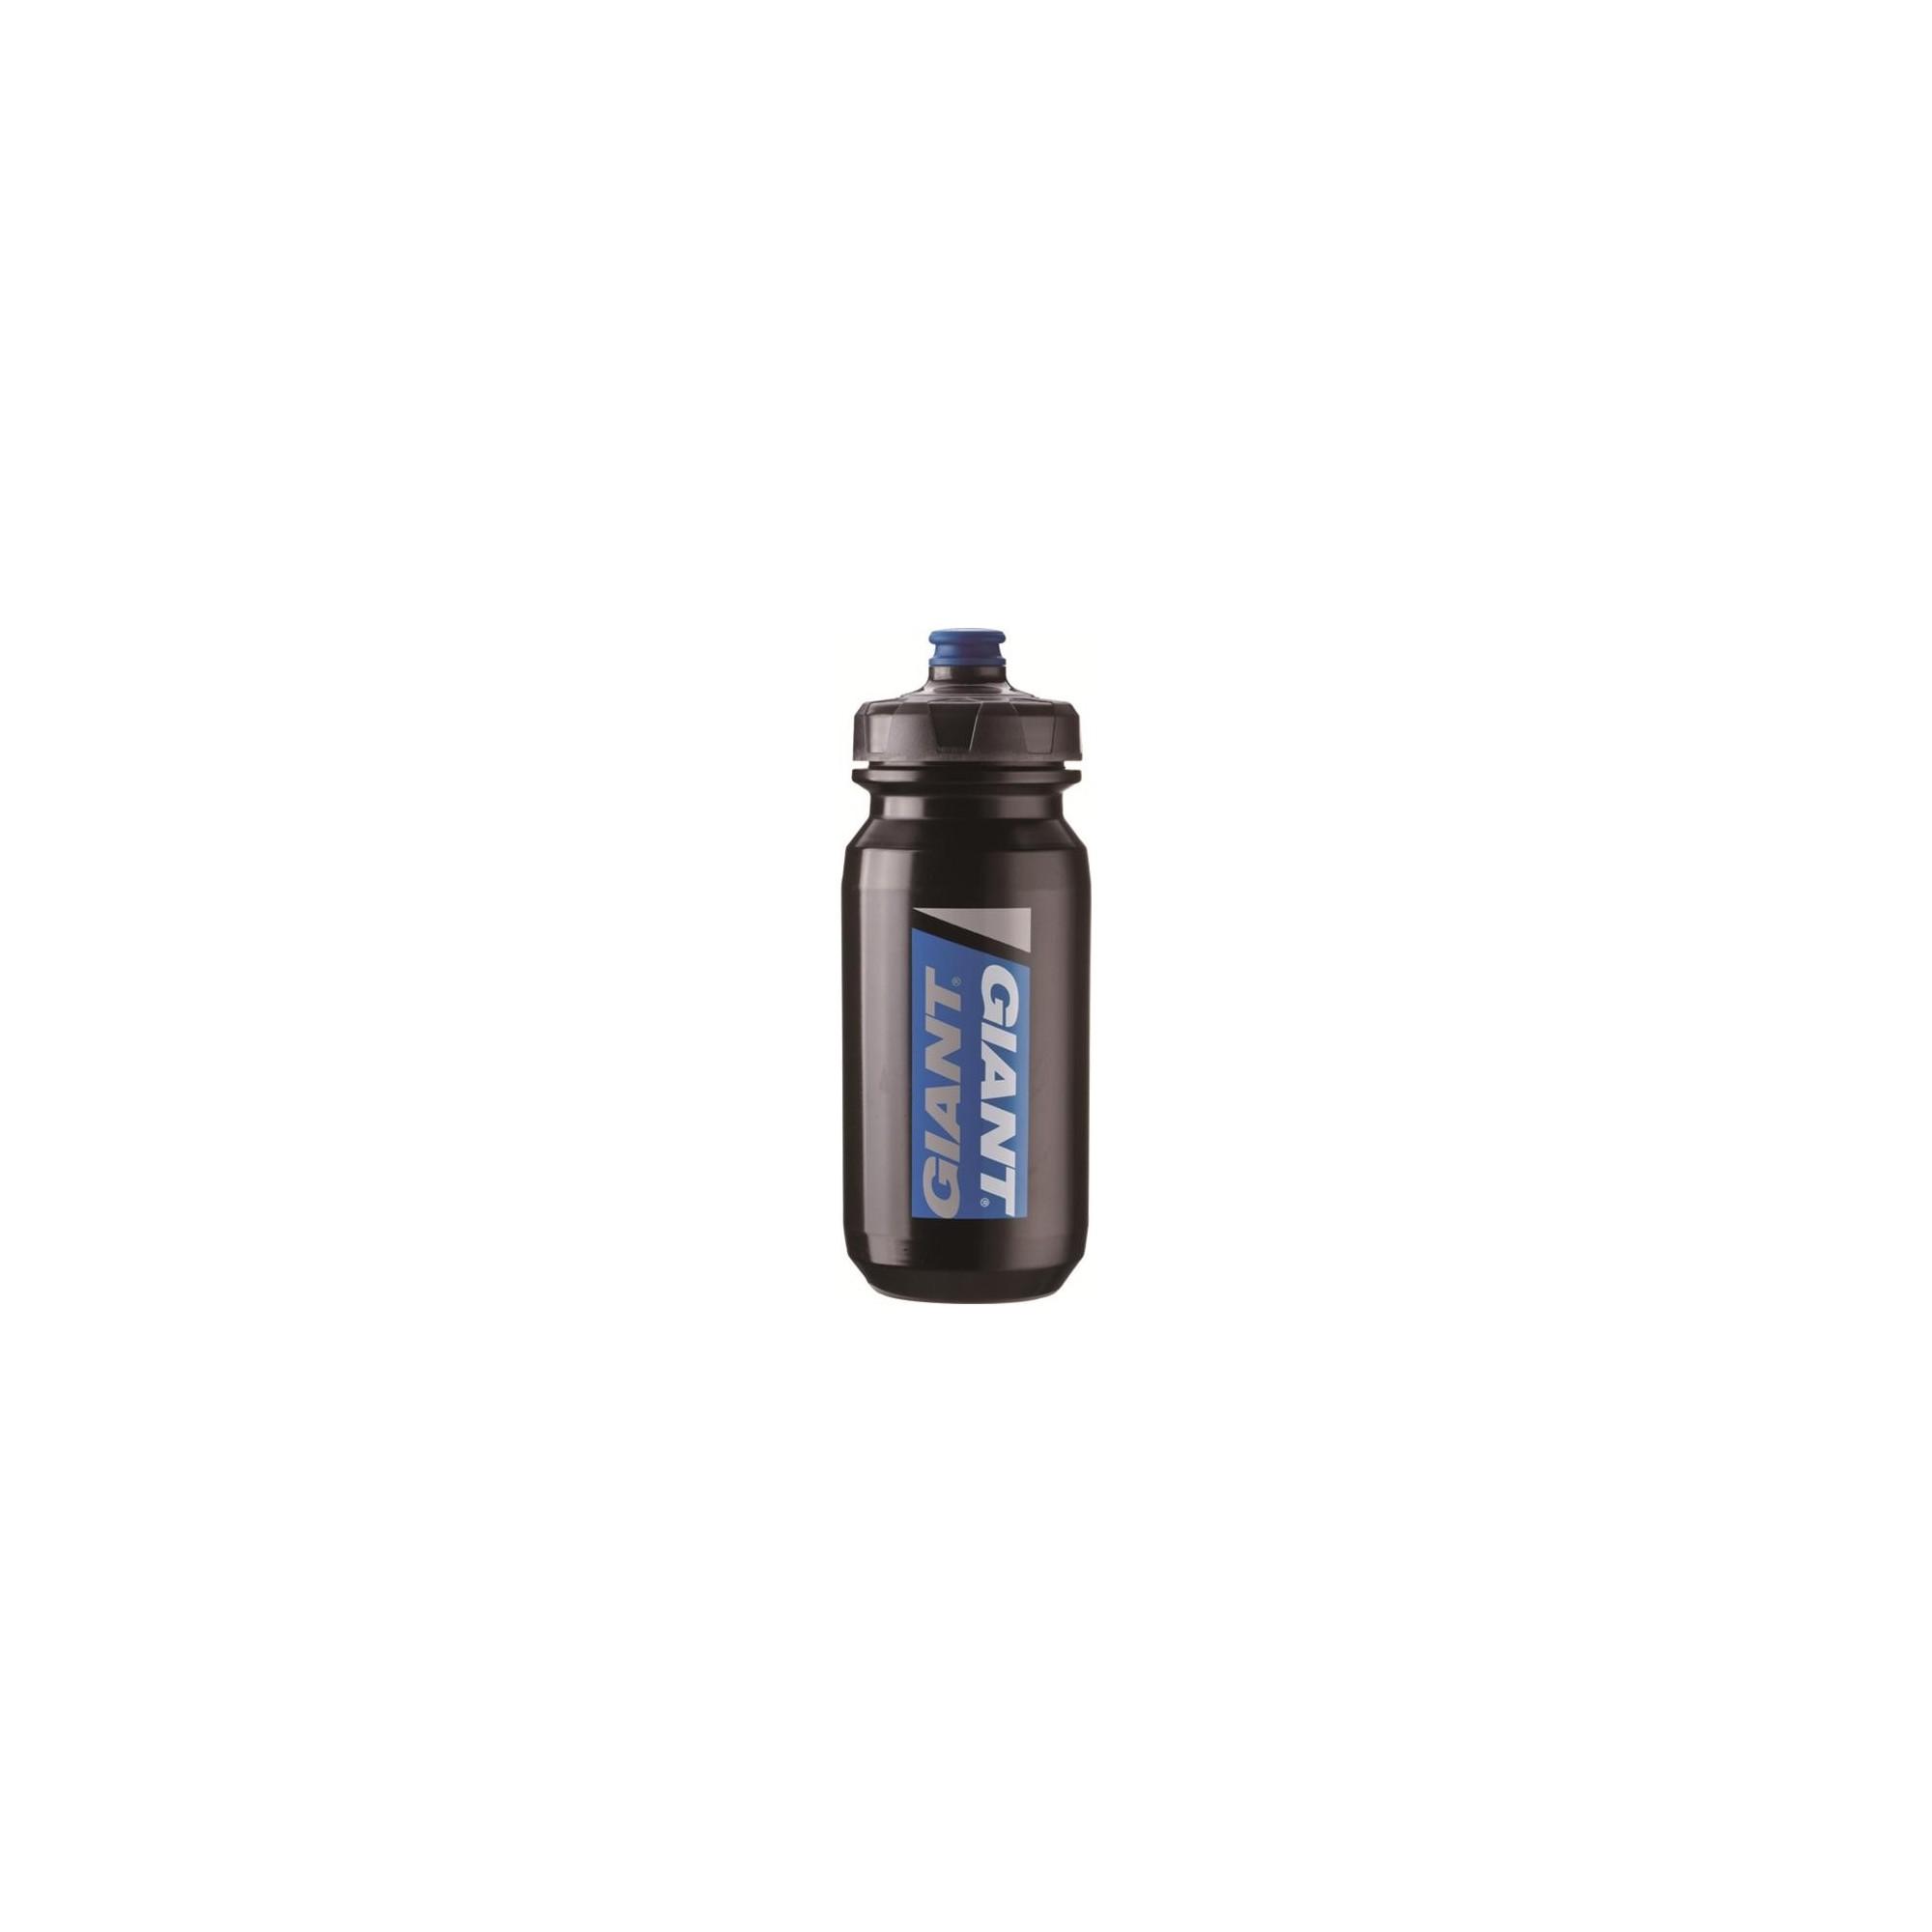 Bidon Giant noir-bleu doubleSpring rapide 600 & 750ml